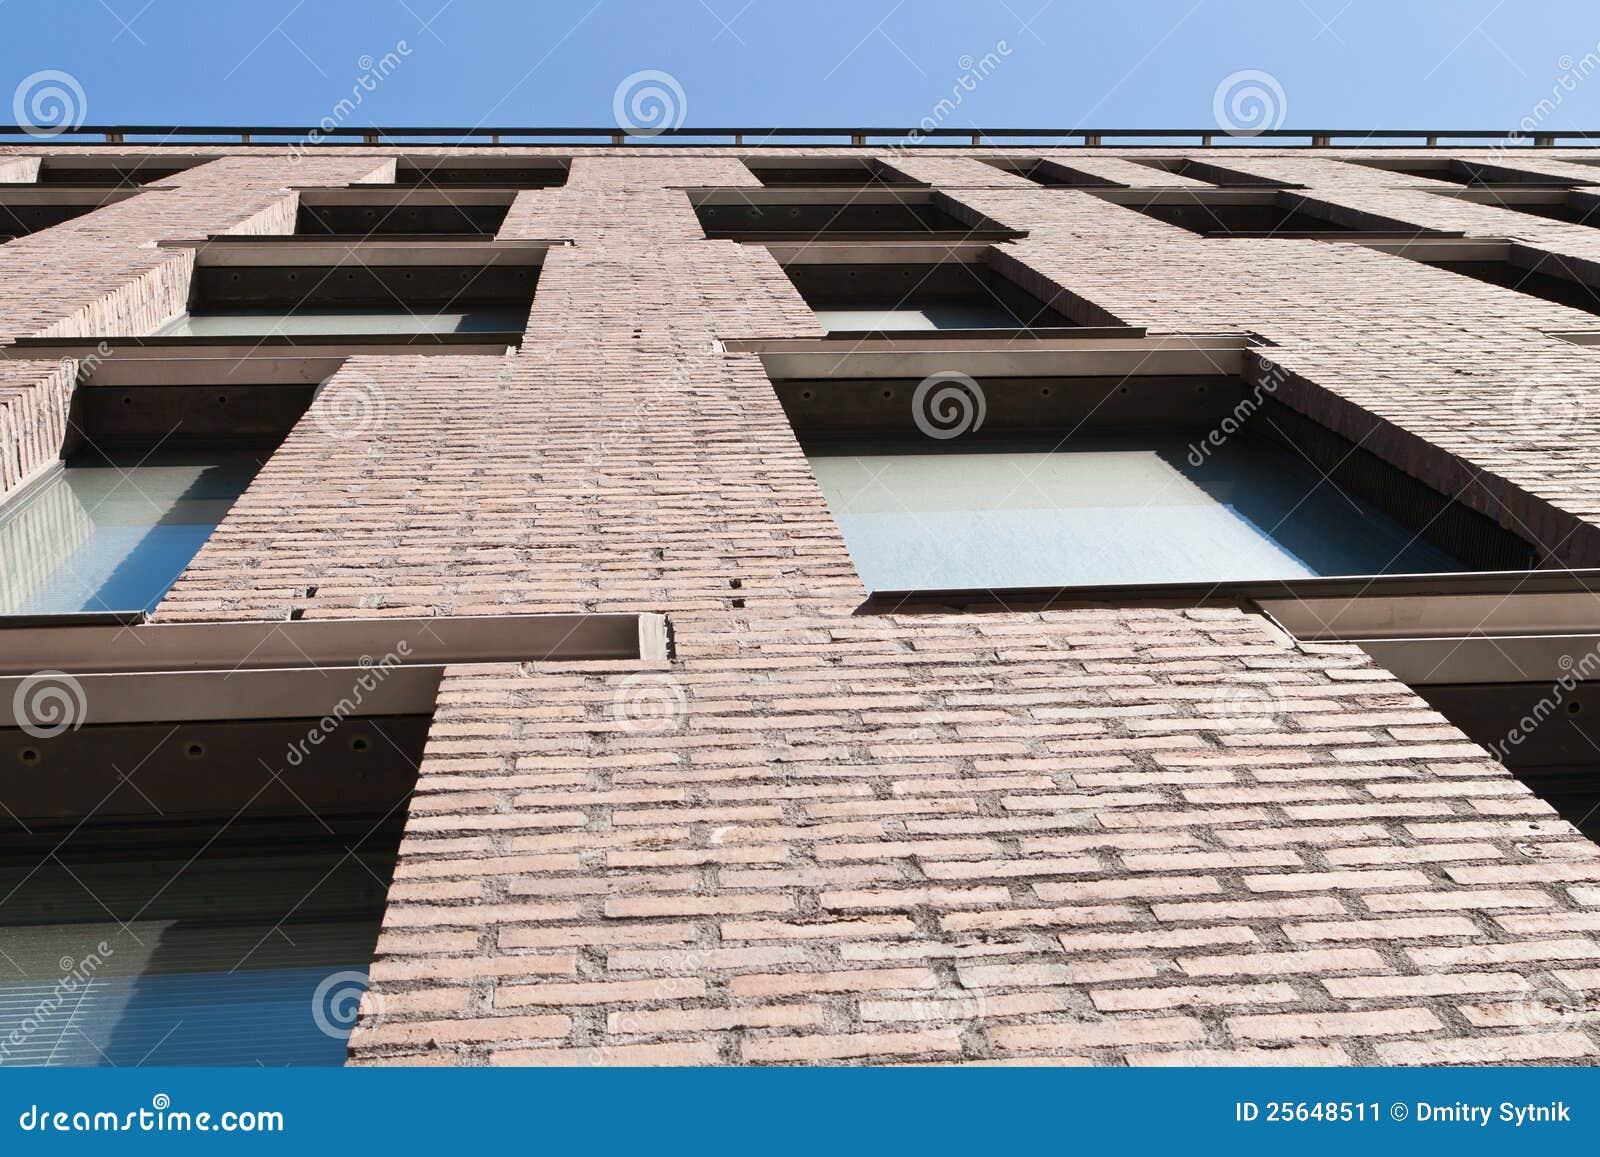 Finestre moderne sul muro di mattoni marrone immagine - Finestre moderne ...